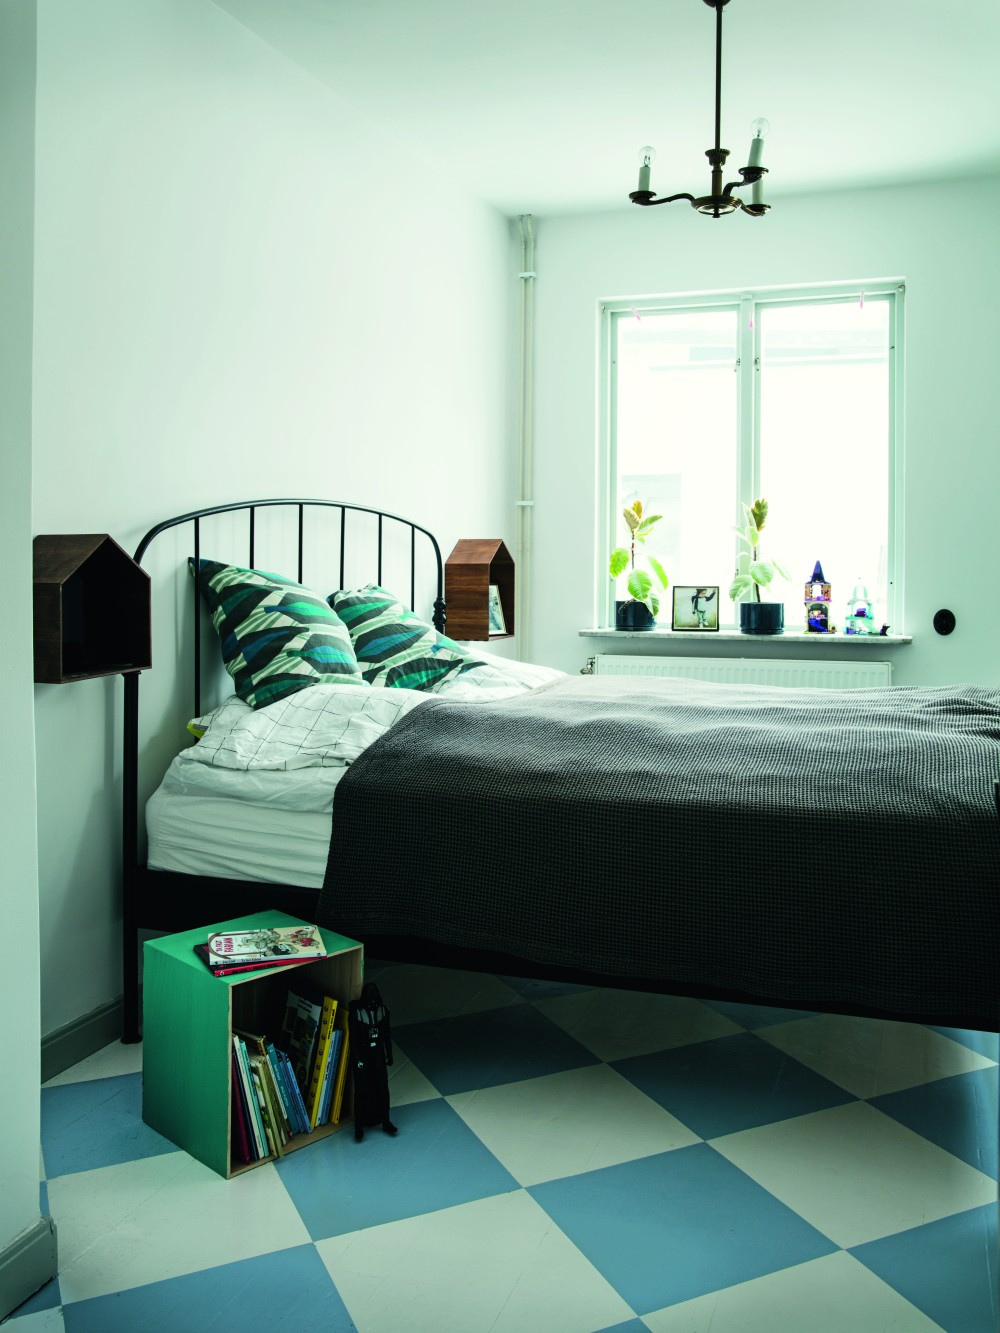 beckers-bedroom-sno816-duggregn778-aqua764-himmelsbla742-renovated-studio-sweden